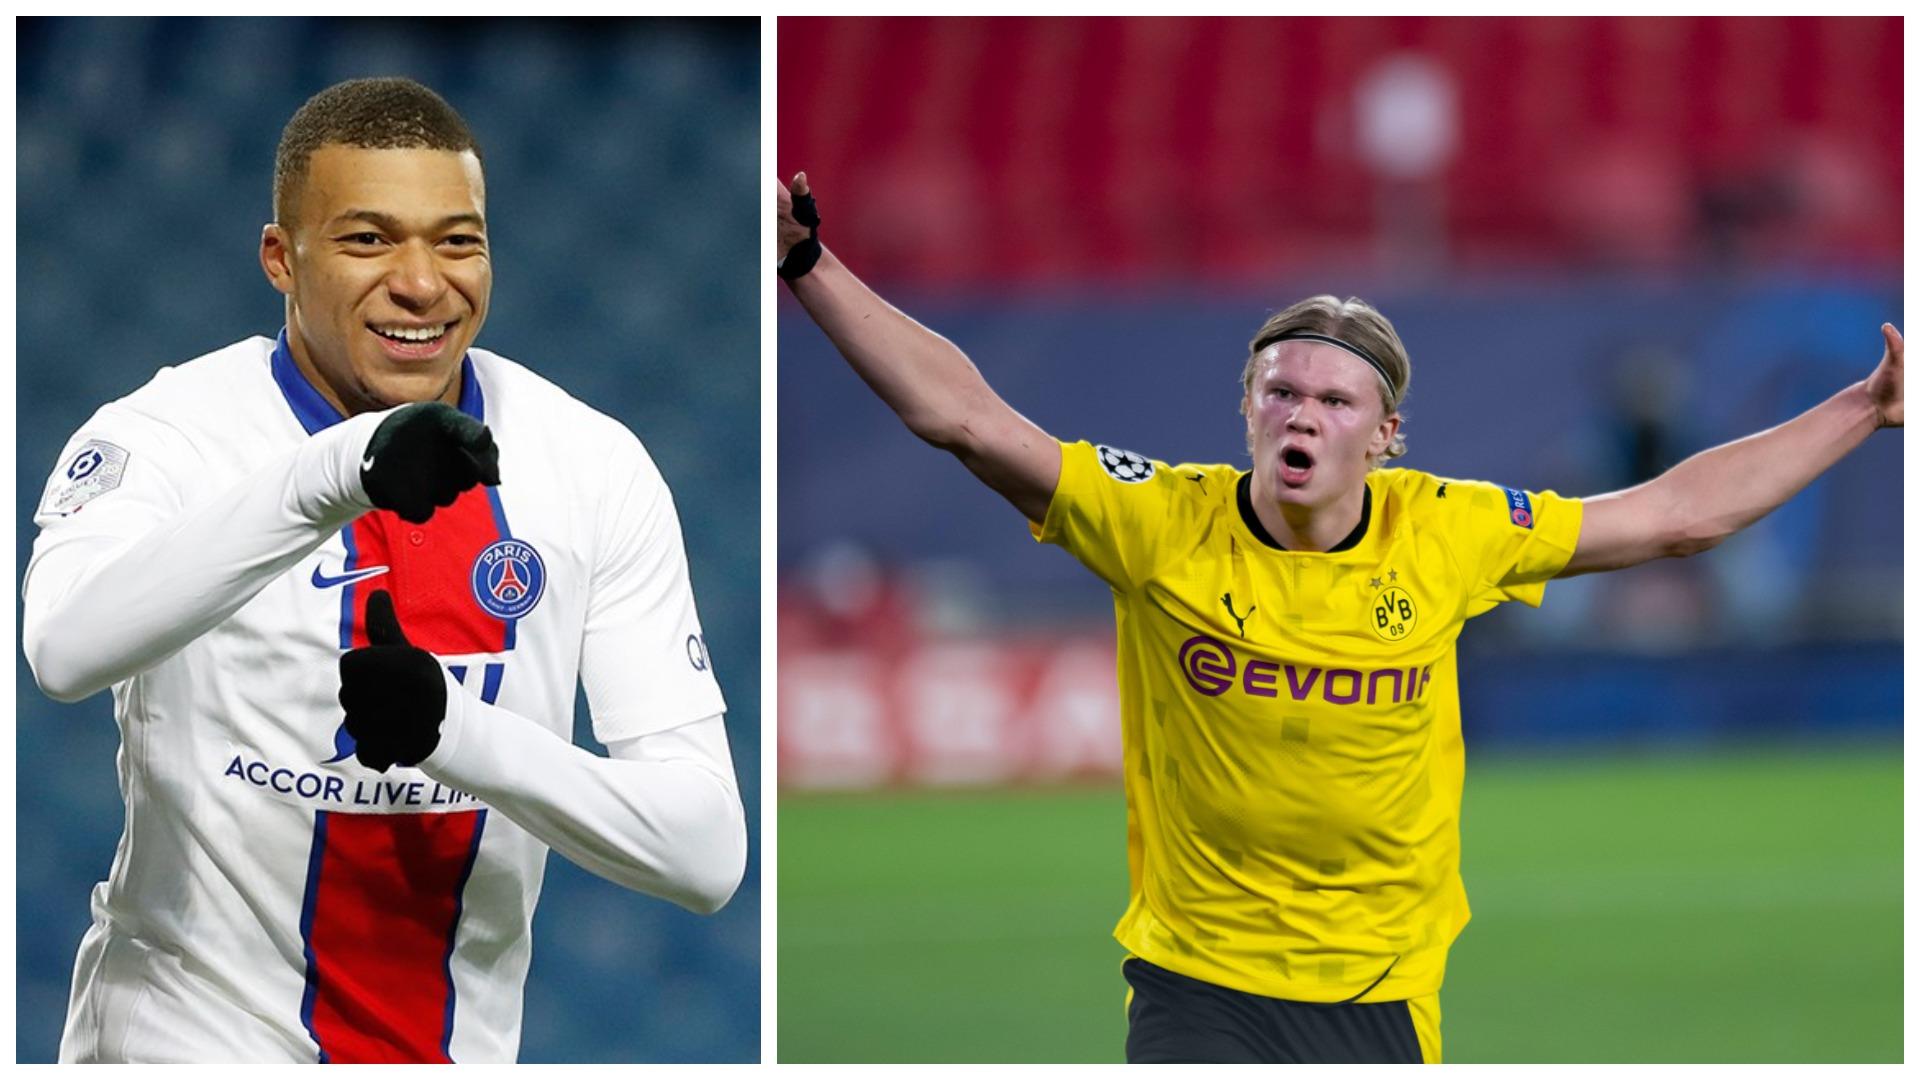 """Mbappe """"tris"""" Barçës, Haaland: Golat e tij më shtuan inatin"""